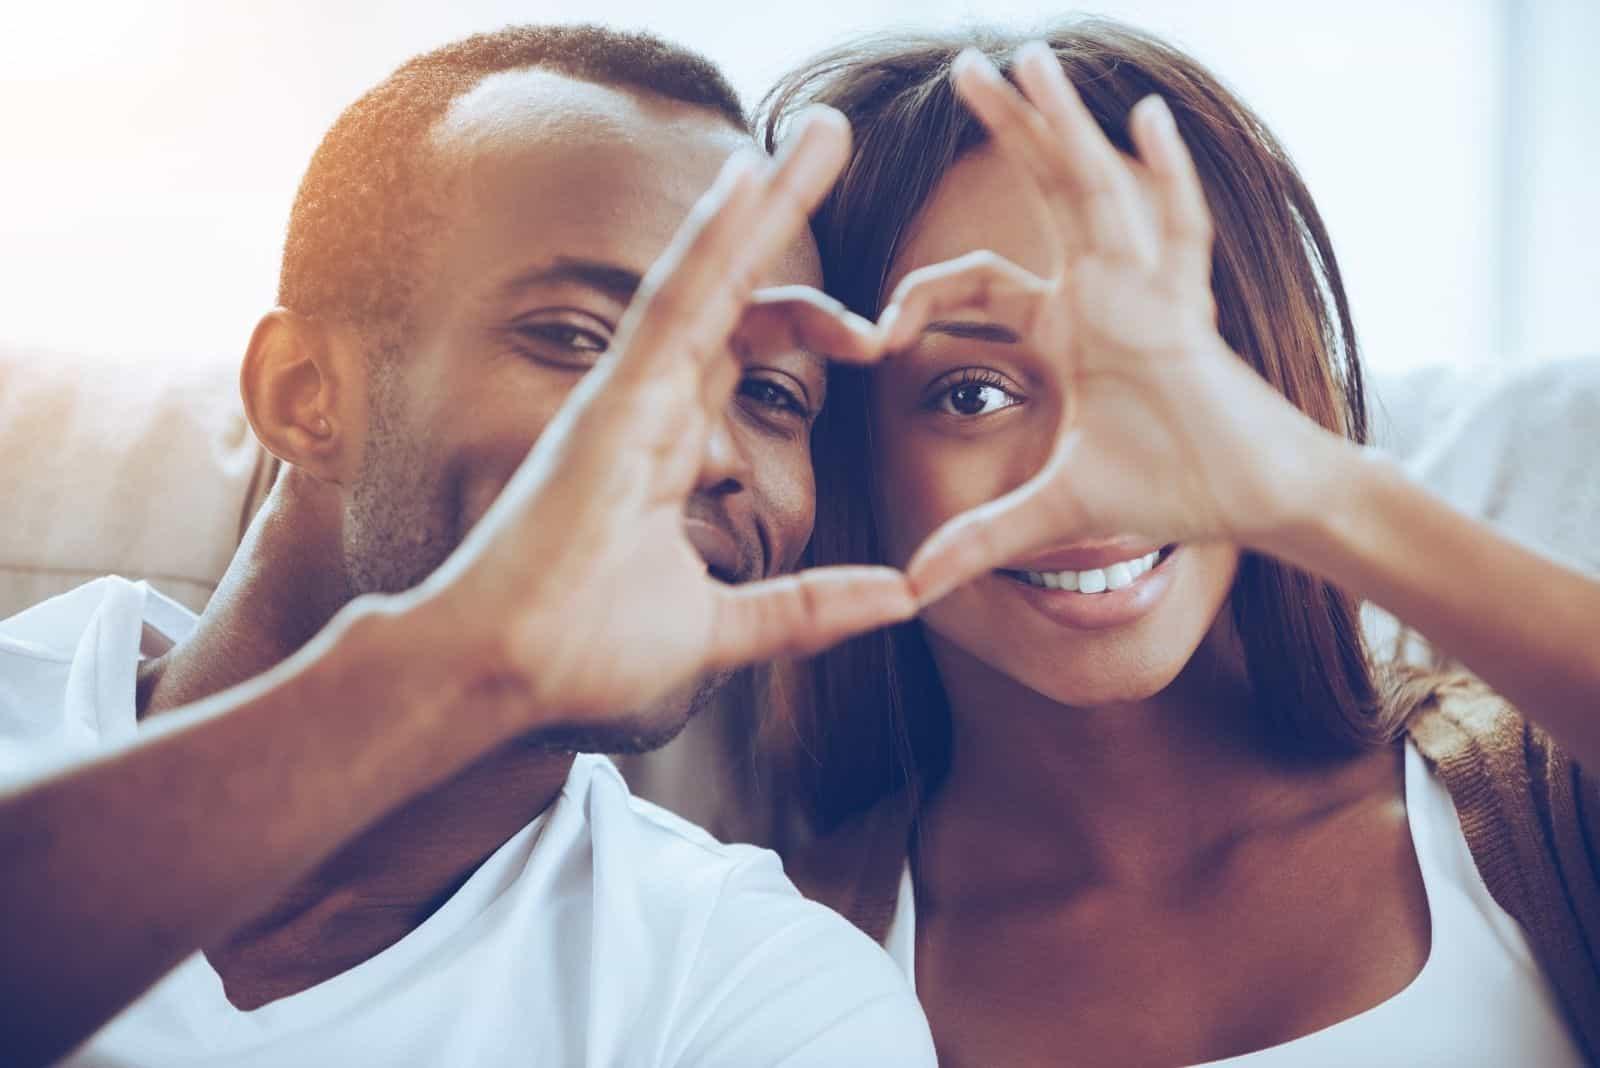 Schönes junges afrikanisches Paar sitzen dicht beieinander und schauen durch eine mit den Fingern gemachte Herzform